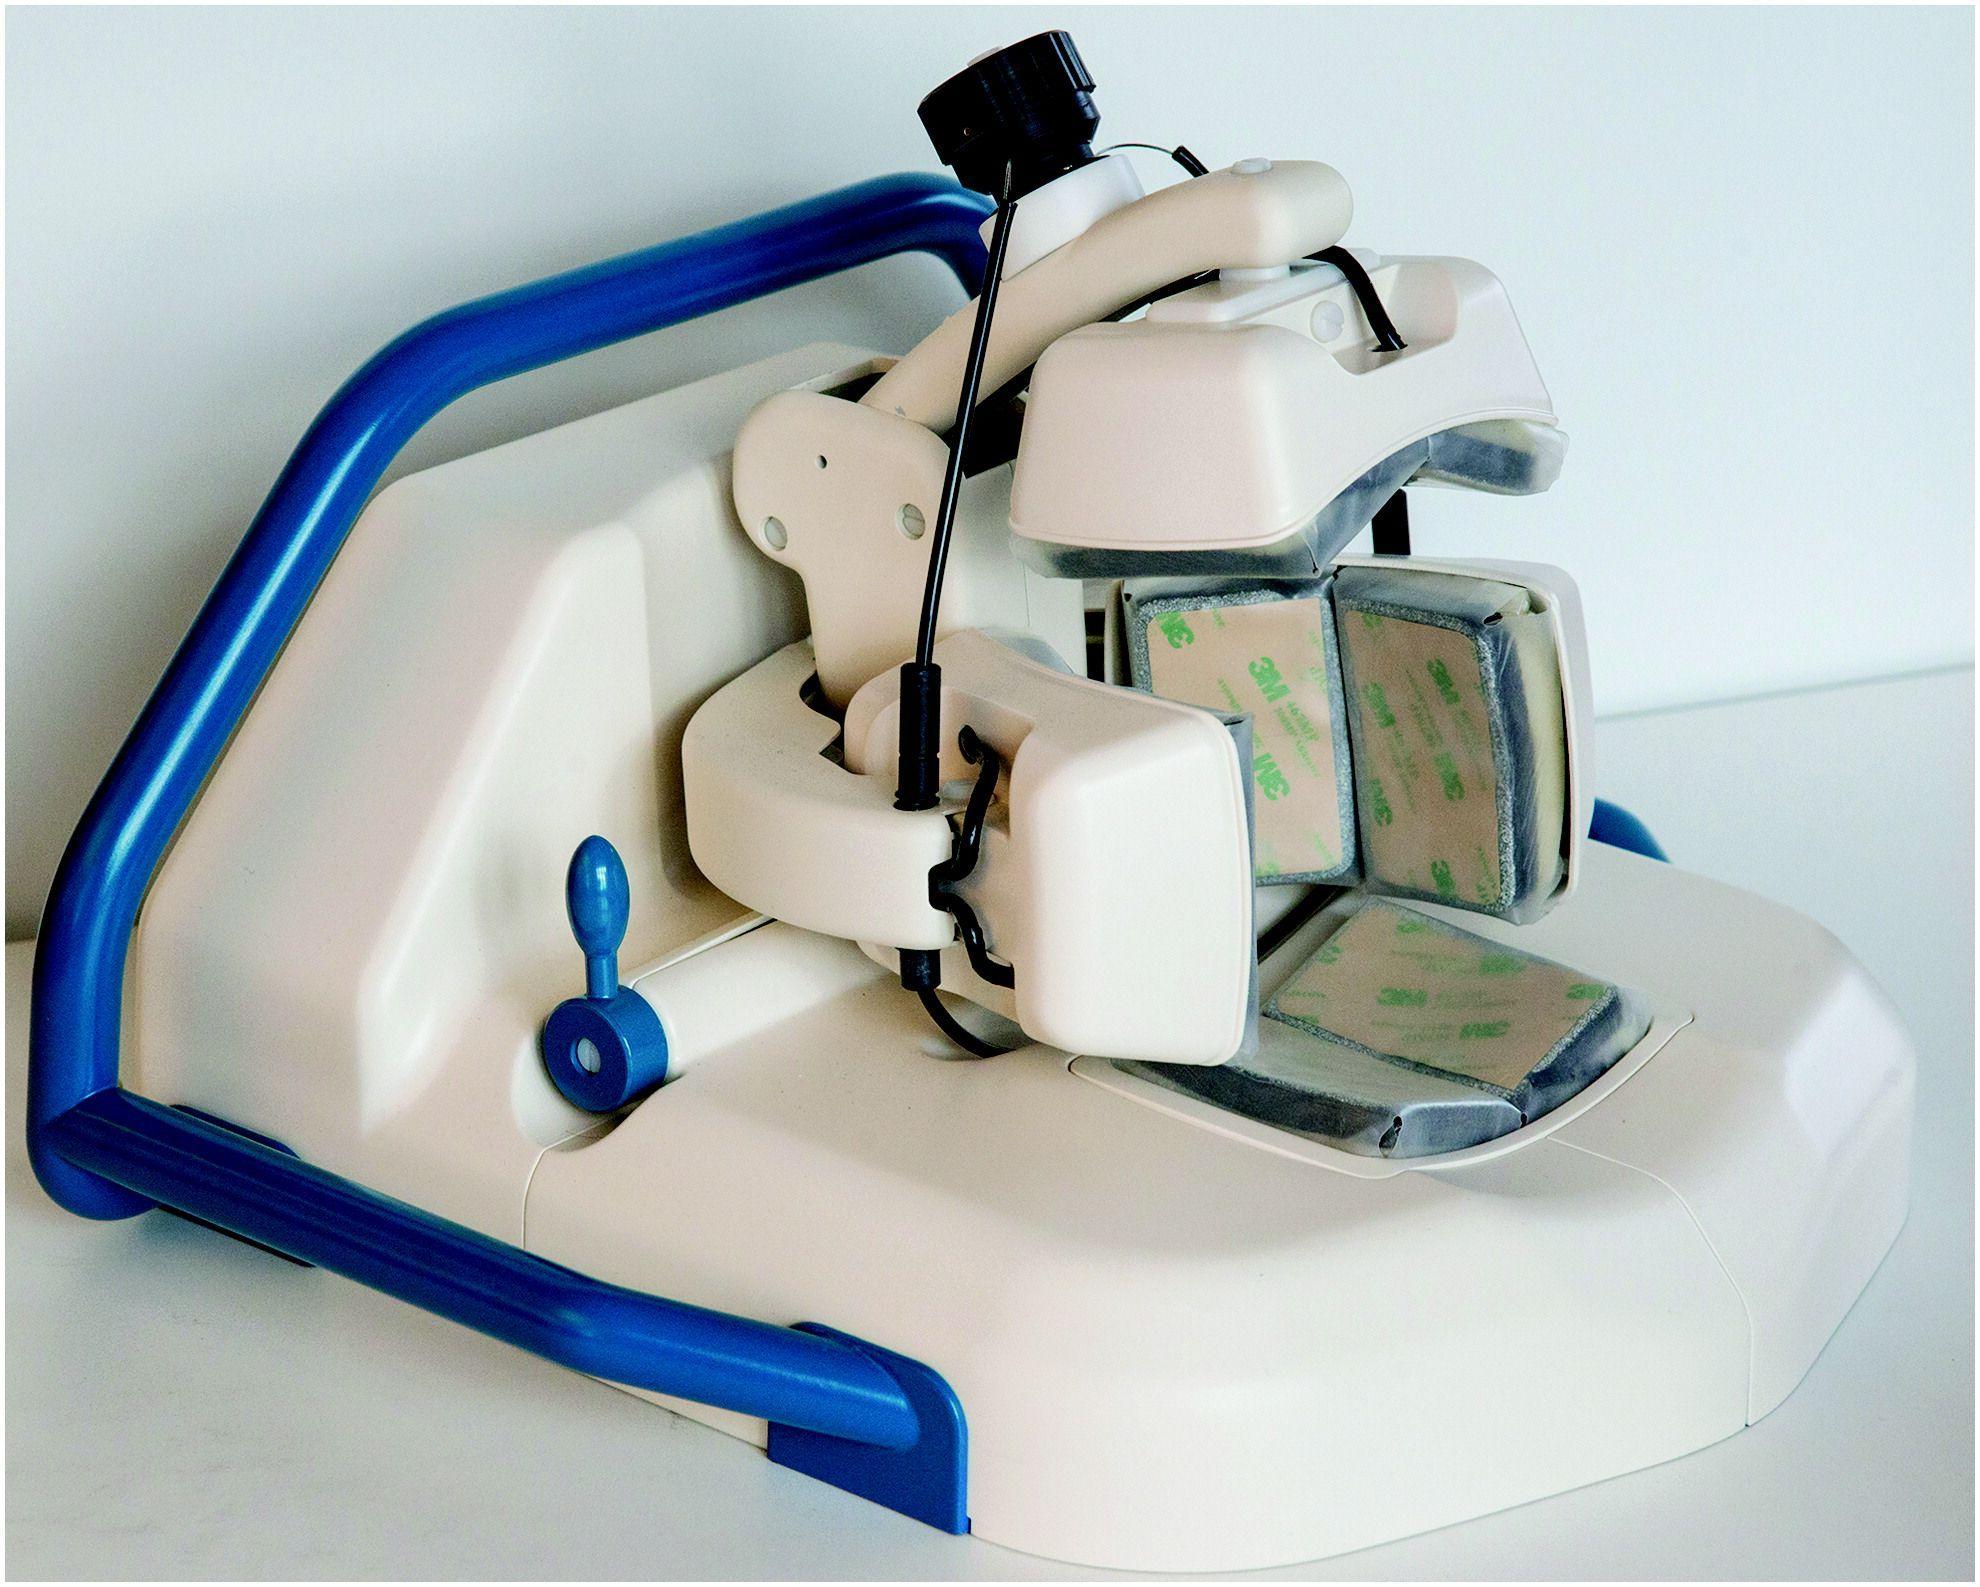 Микроволновой шлем ускорит диагностику черепно-мозговой травмы